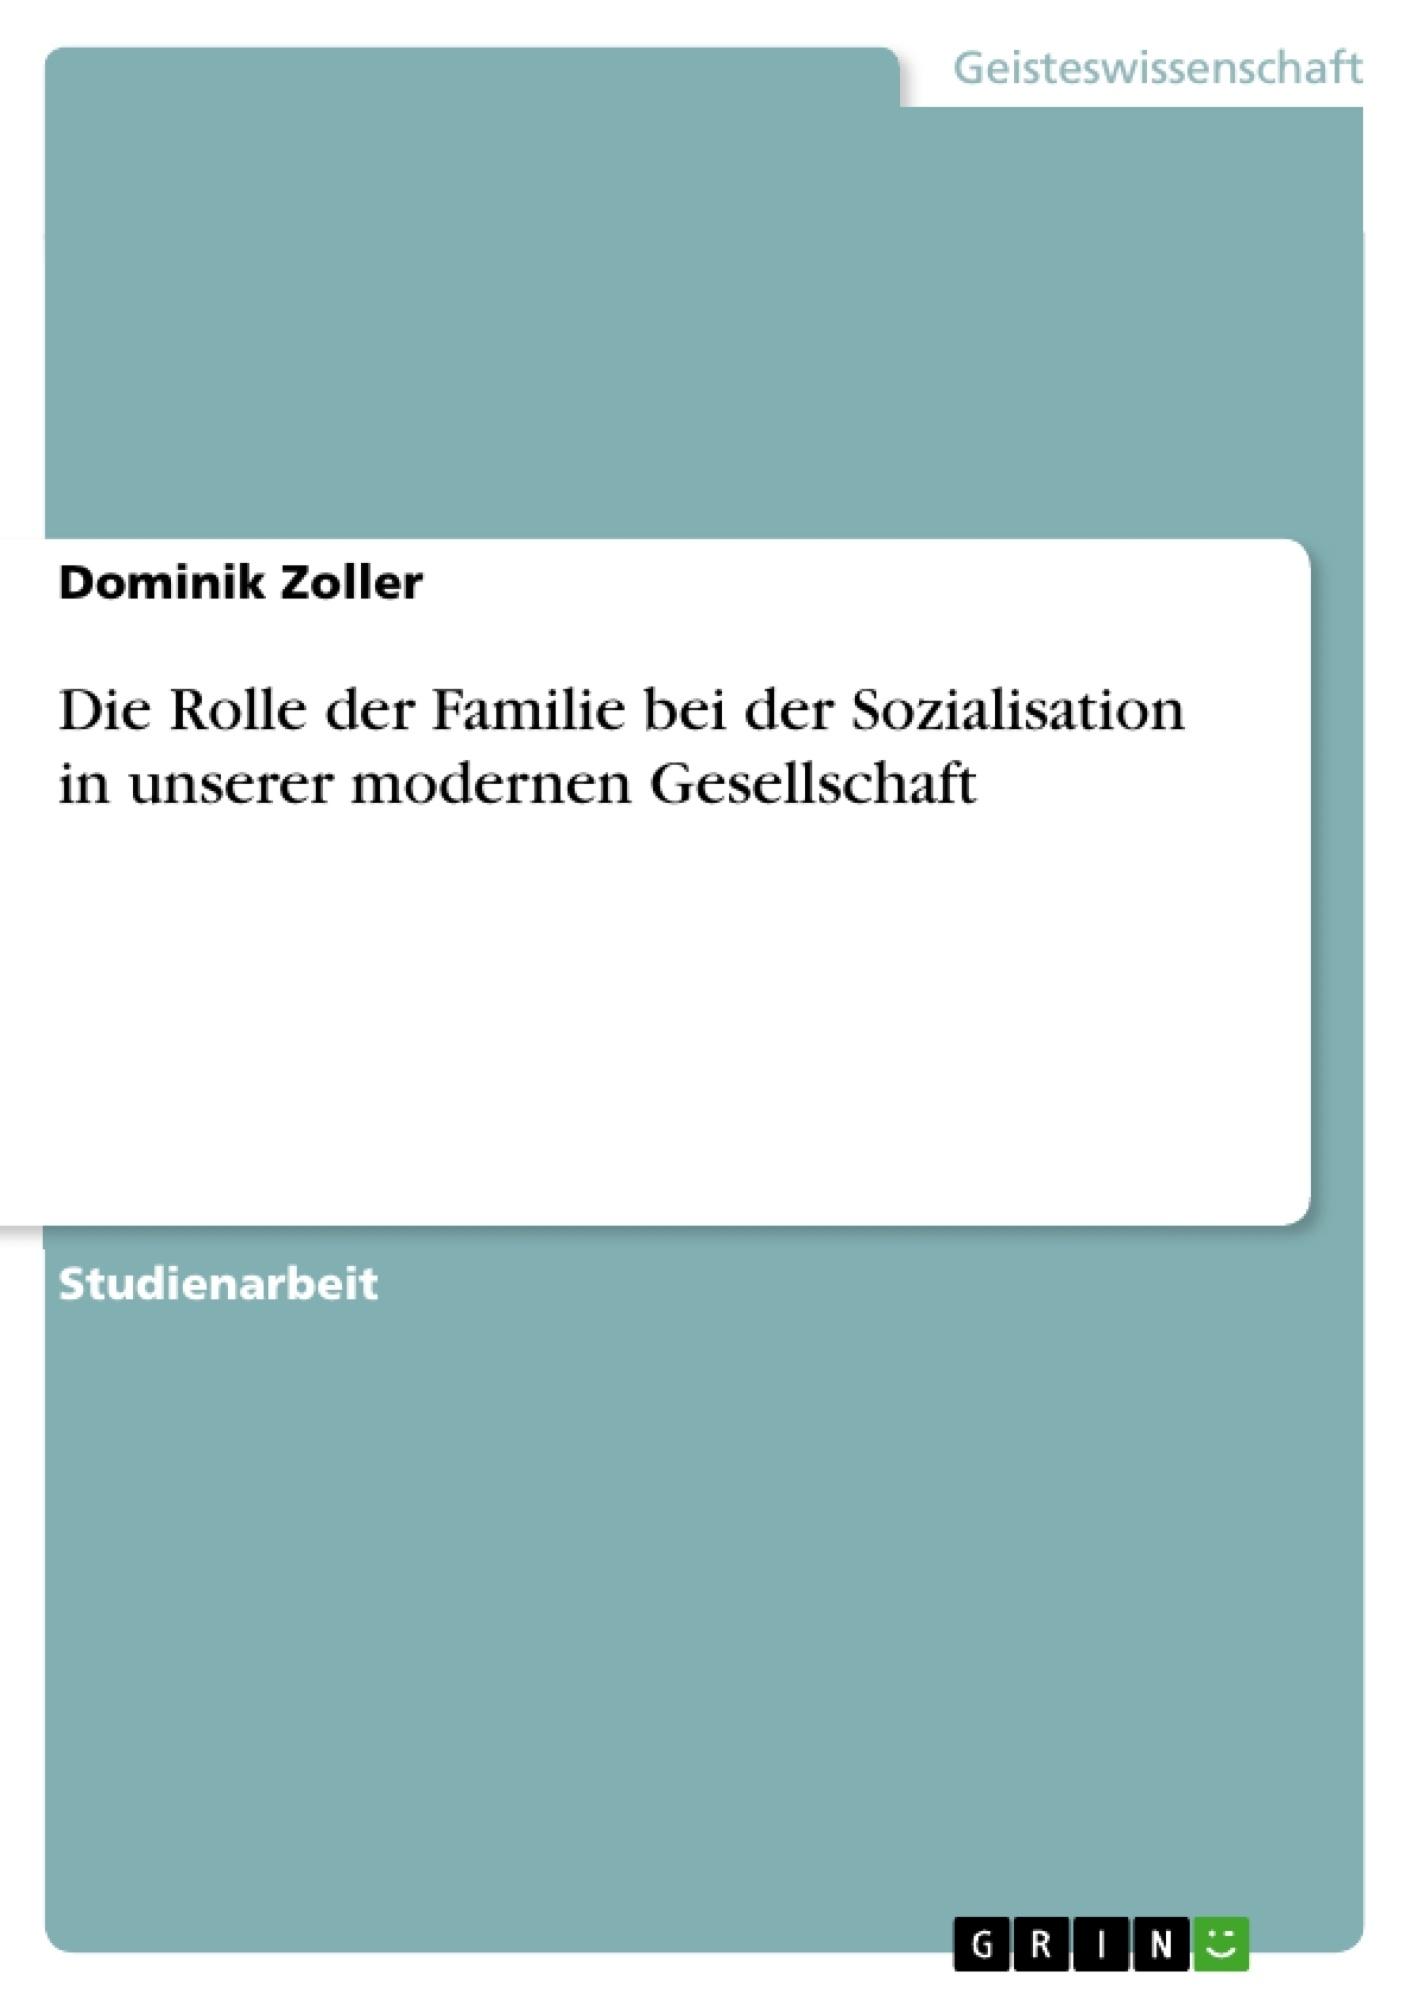 Titel: Die Rolle der Familie bei der Sozialisation in unserer modernen Gesellschaft